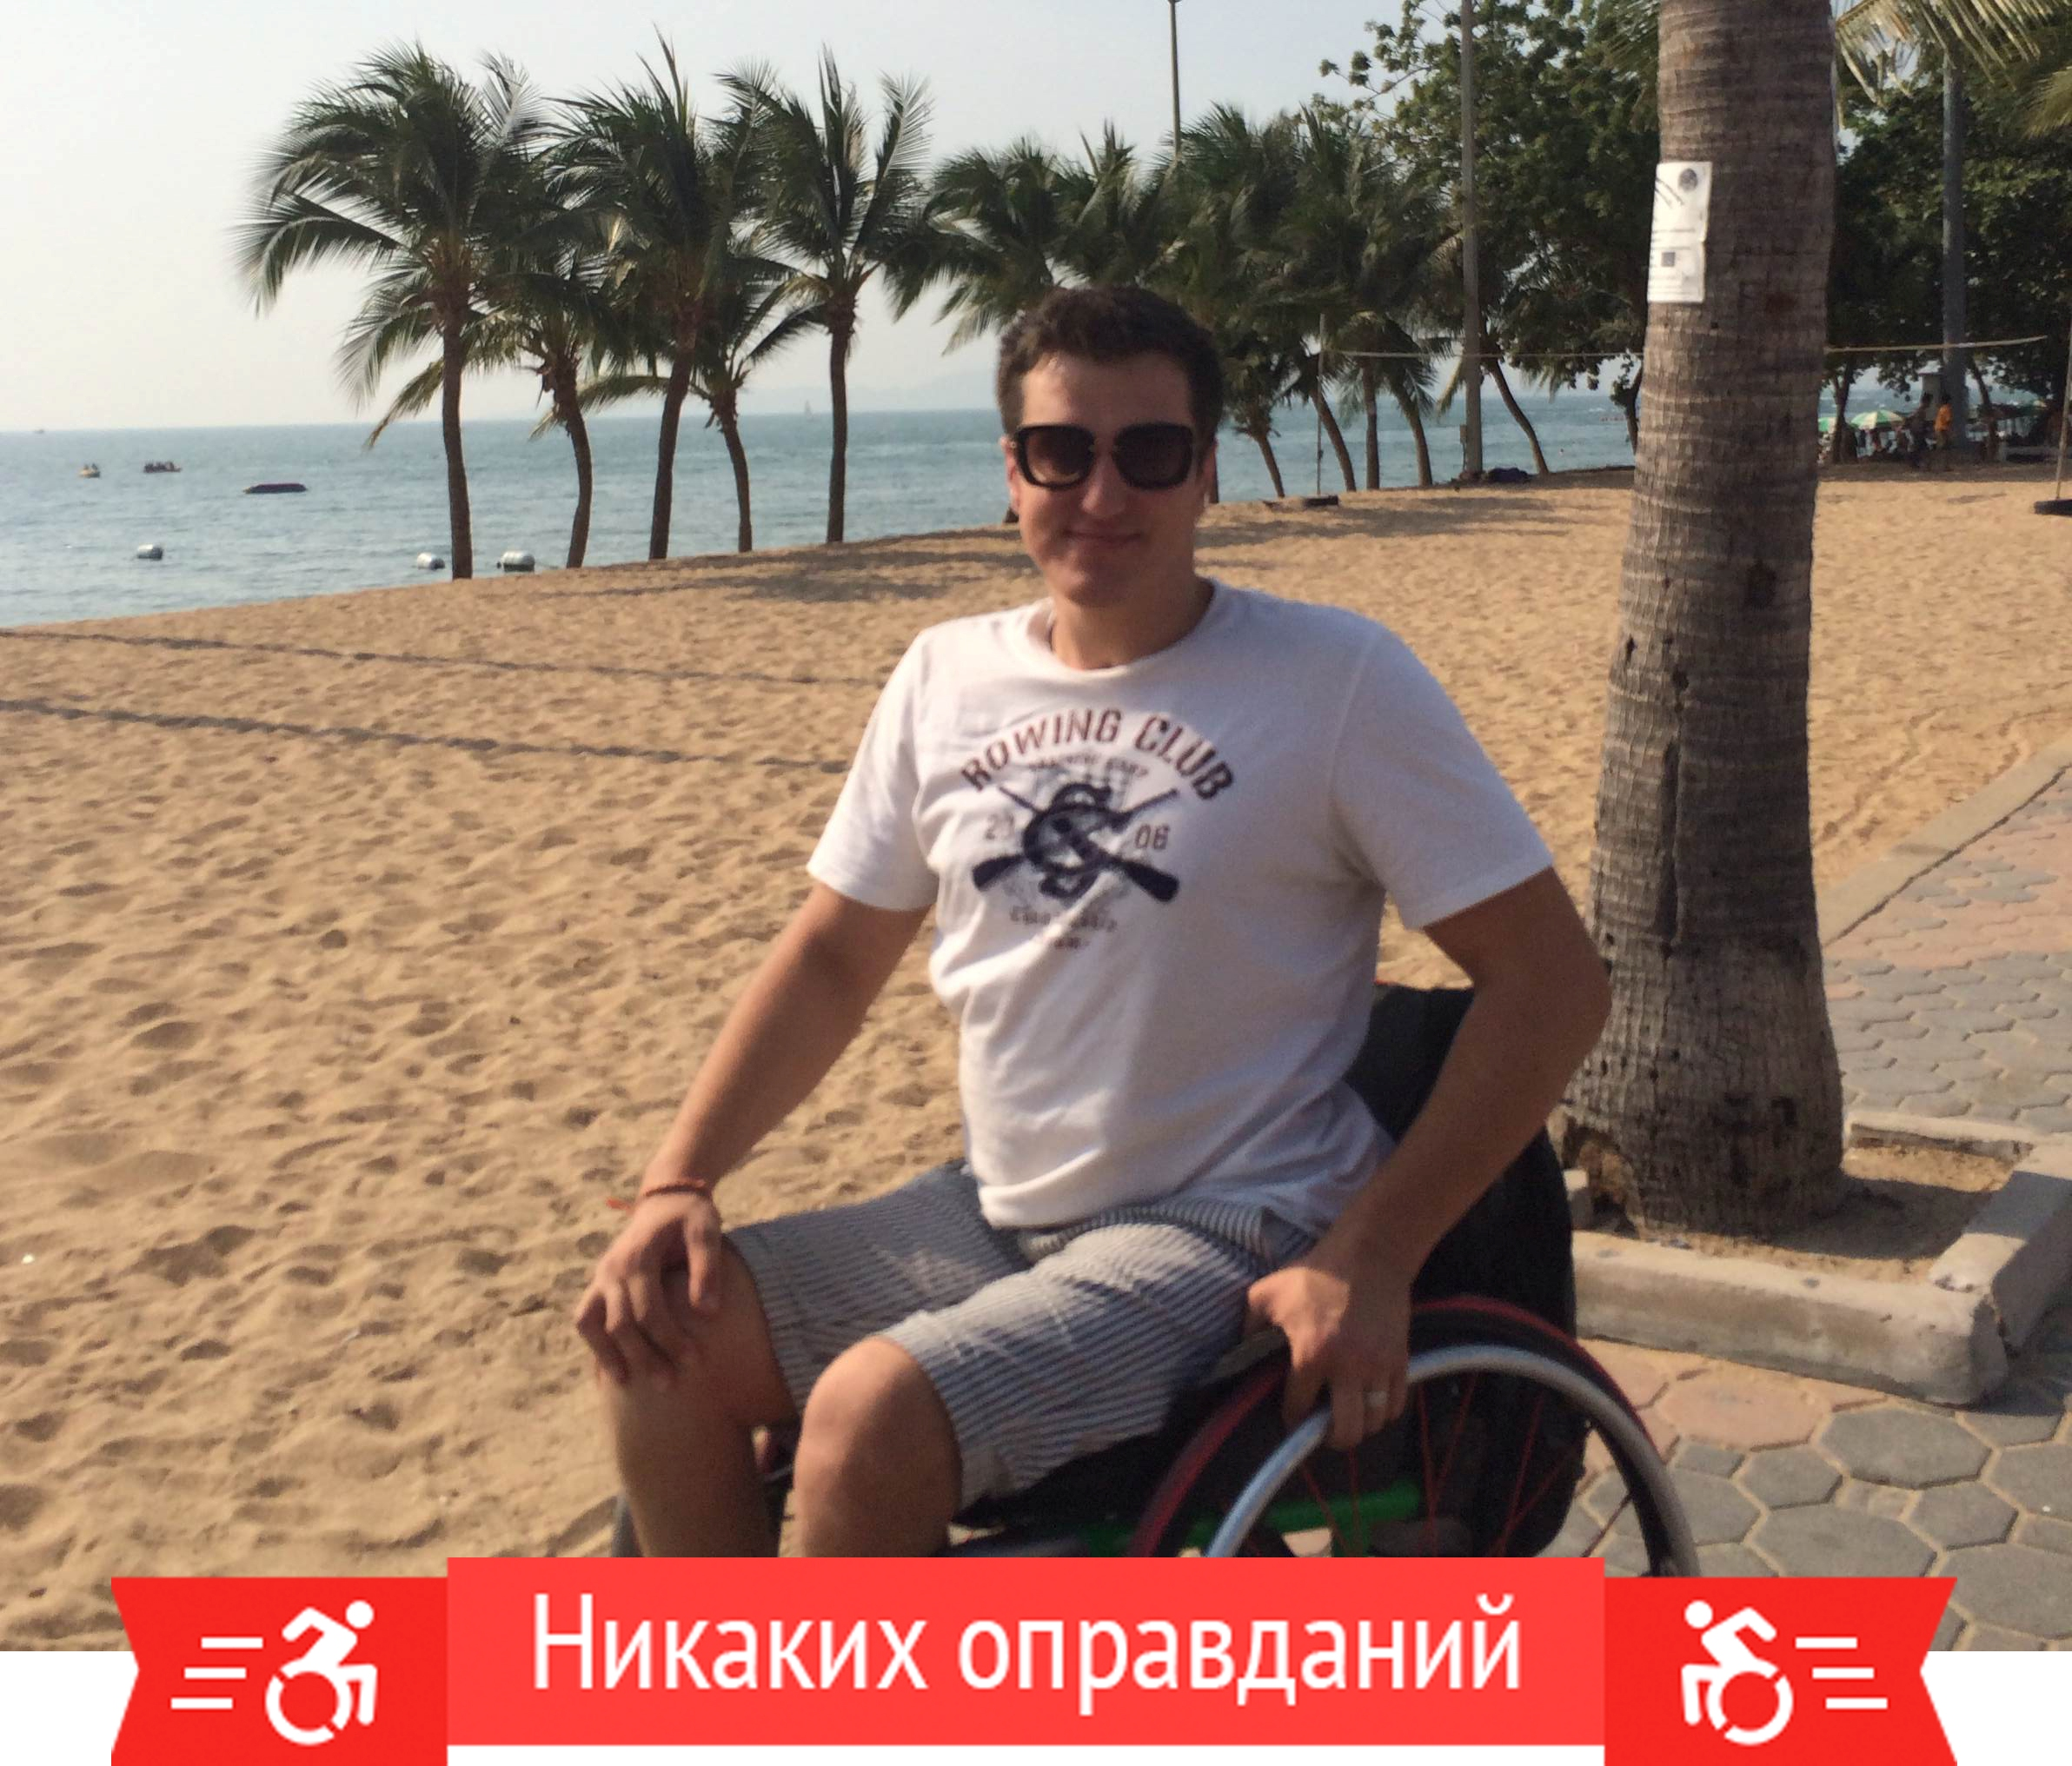 Никаких оправданий: «Все, что ни делается, – к лучшему» – интервью с тревеливером Юрием Курко